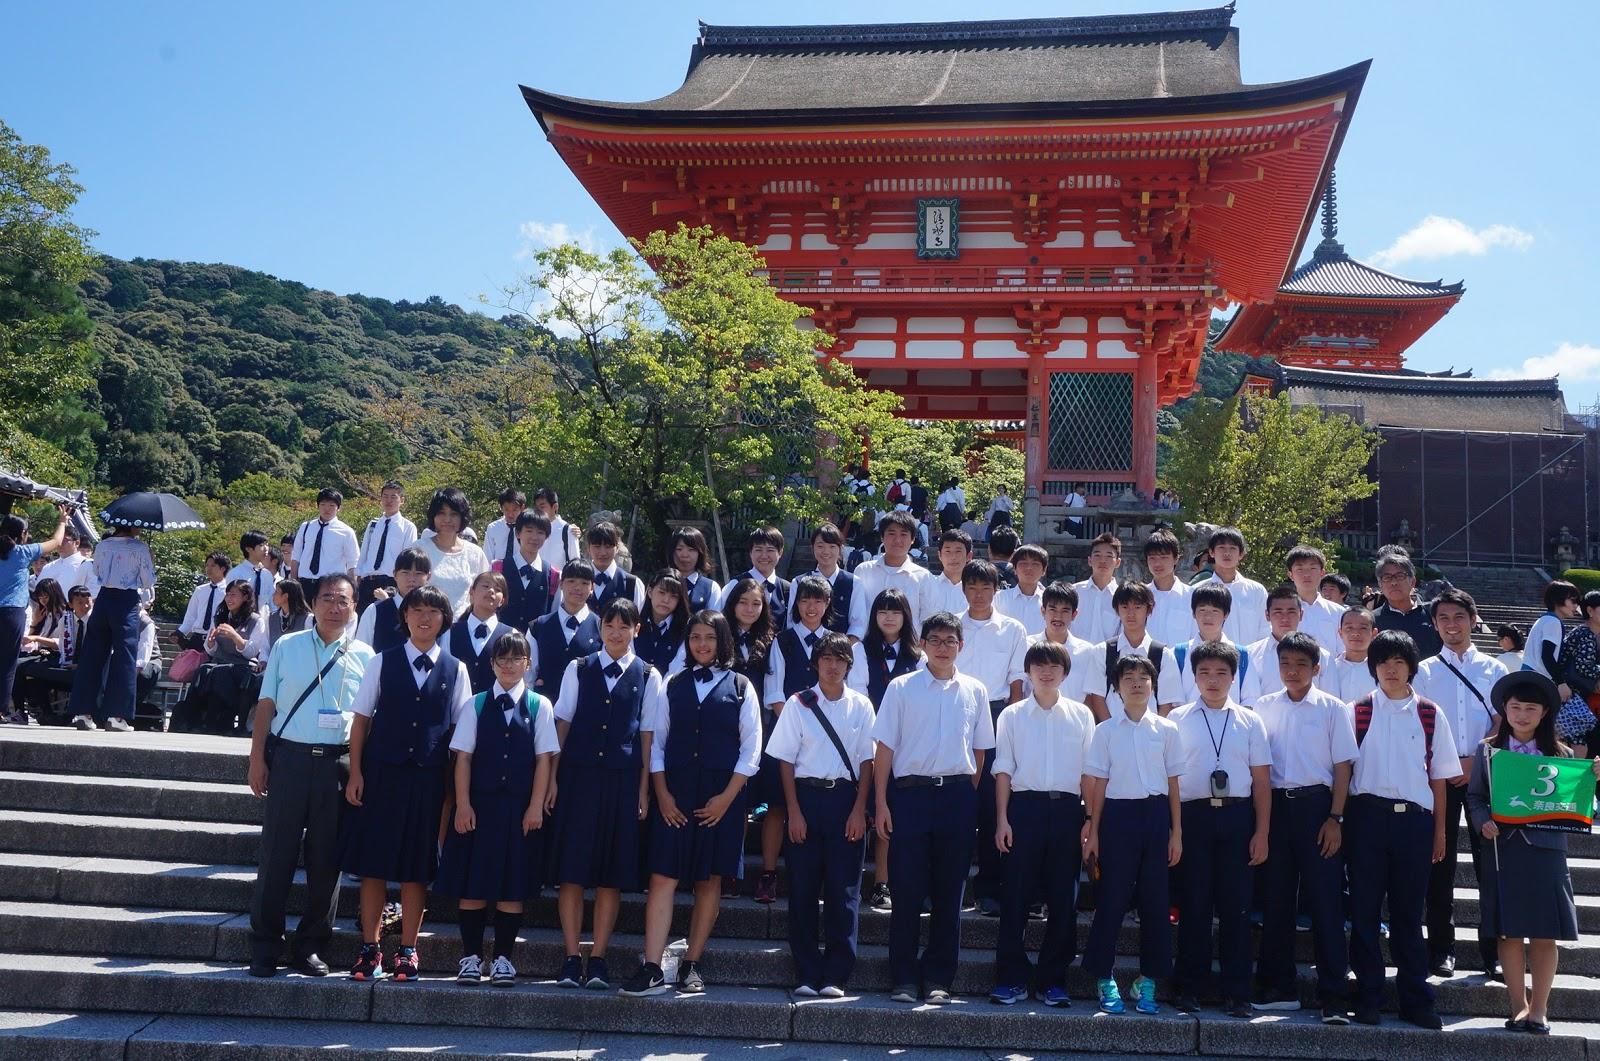 愛川町立愛川東中学校ブログ: 3...